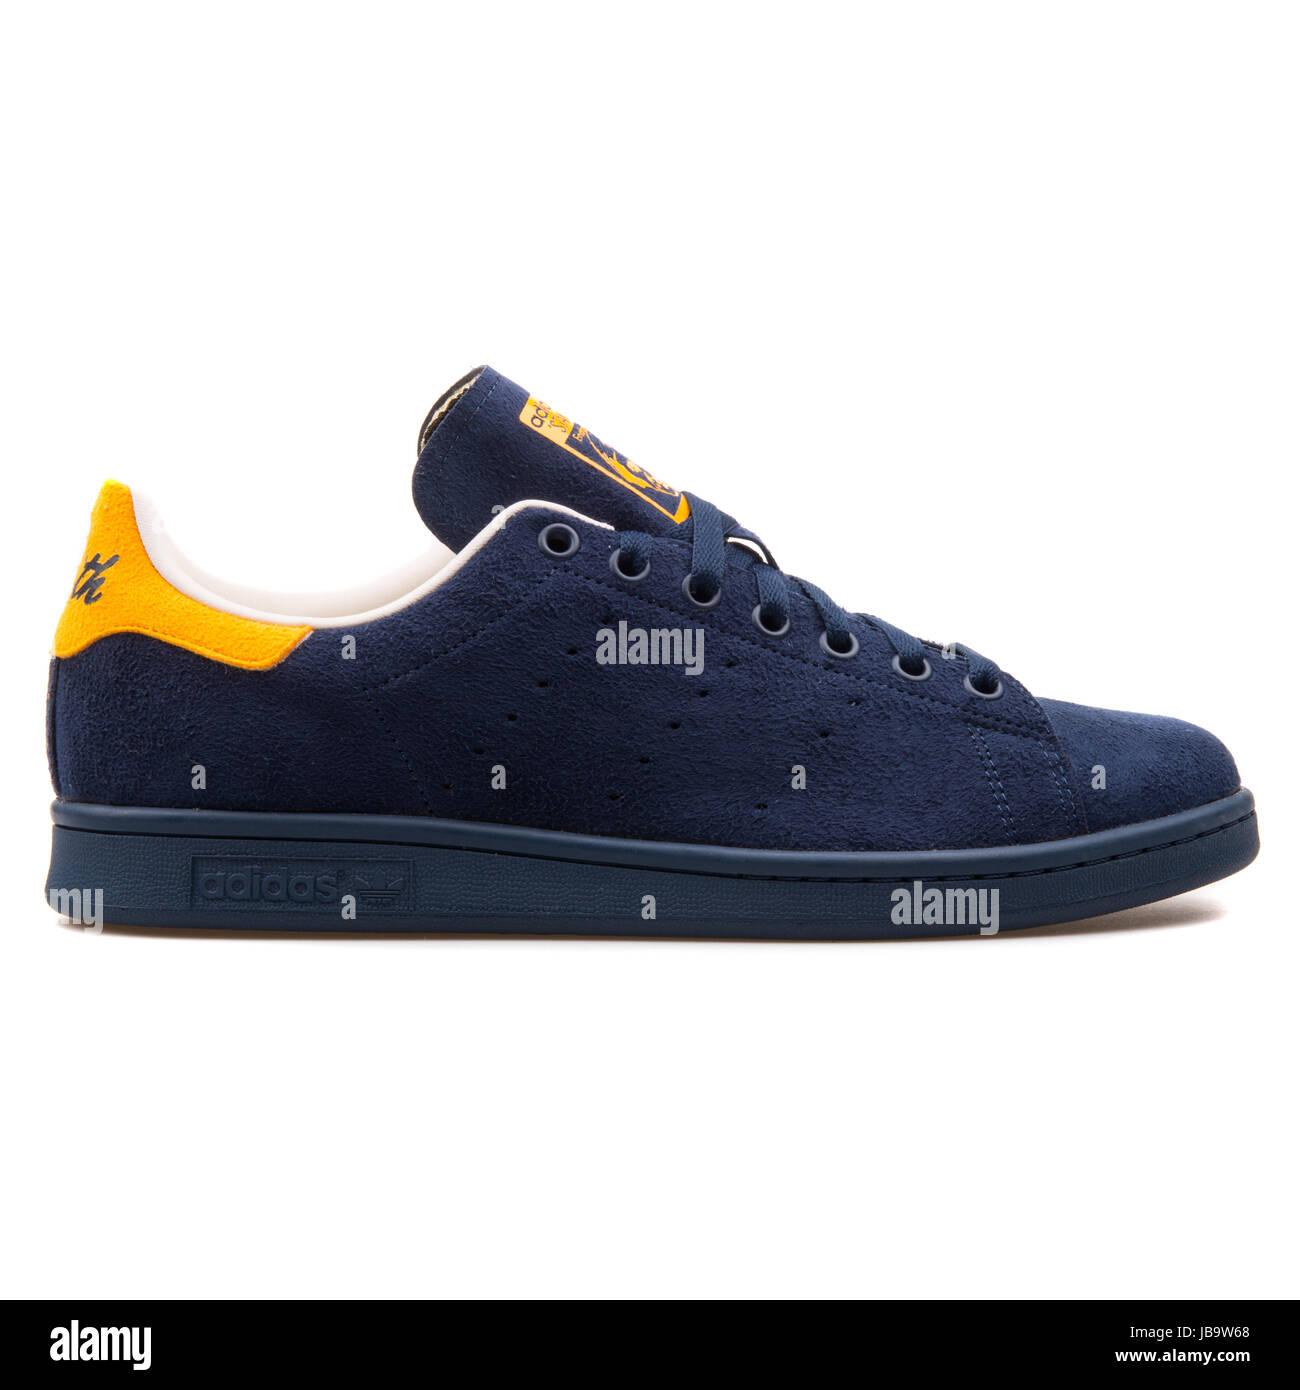 chaussures de sport 18b7a 82d56 Adidas Stan Smith Bleu Marine jaune et de chaussures de ...